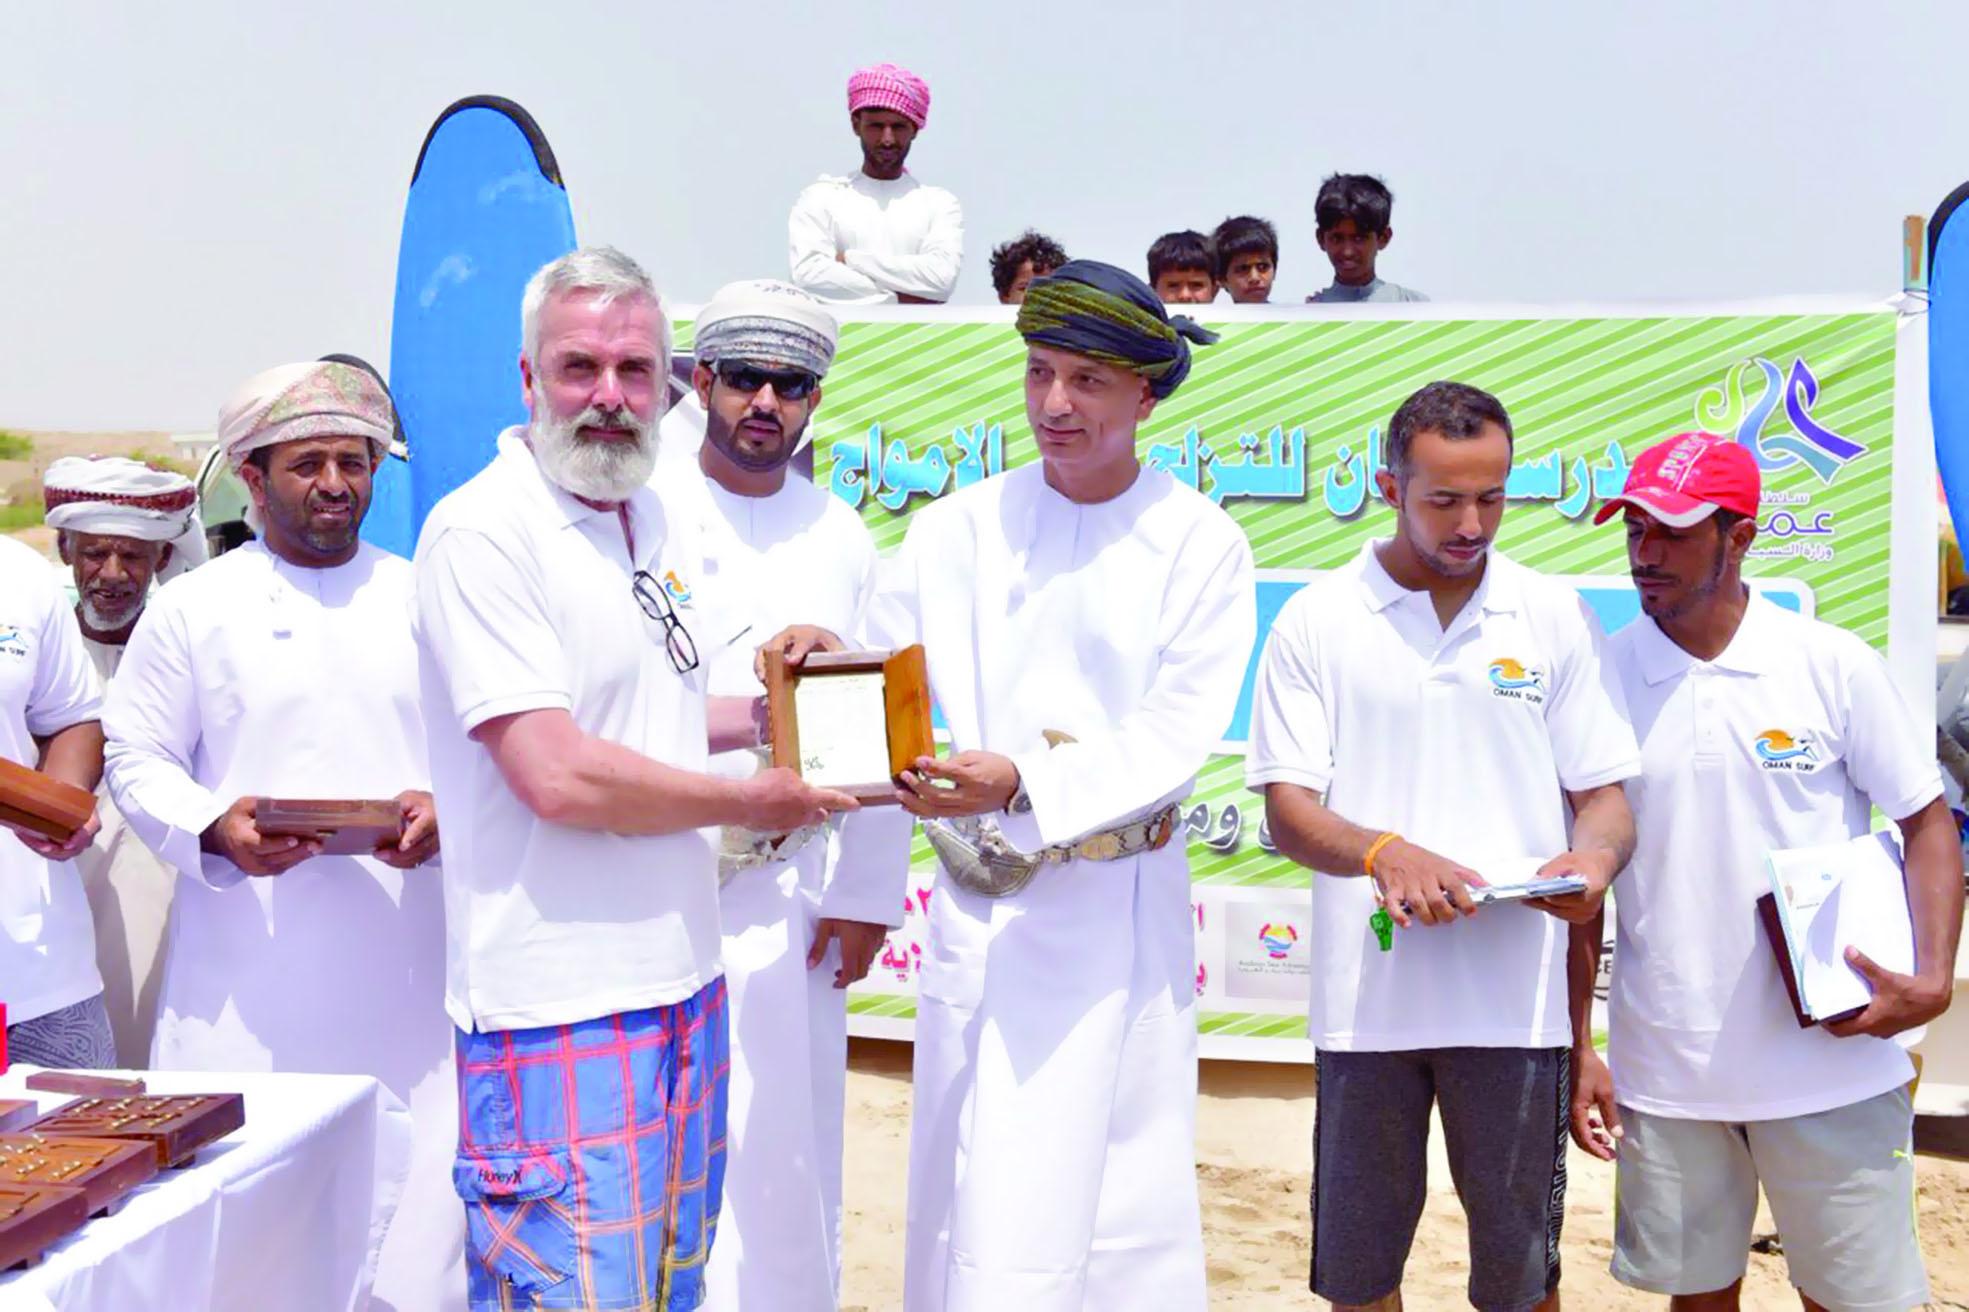 في نيابة رأس الحد مدرسة عمان للتزلج تنظم «تحدي التزلج على الأمواج»